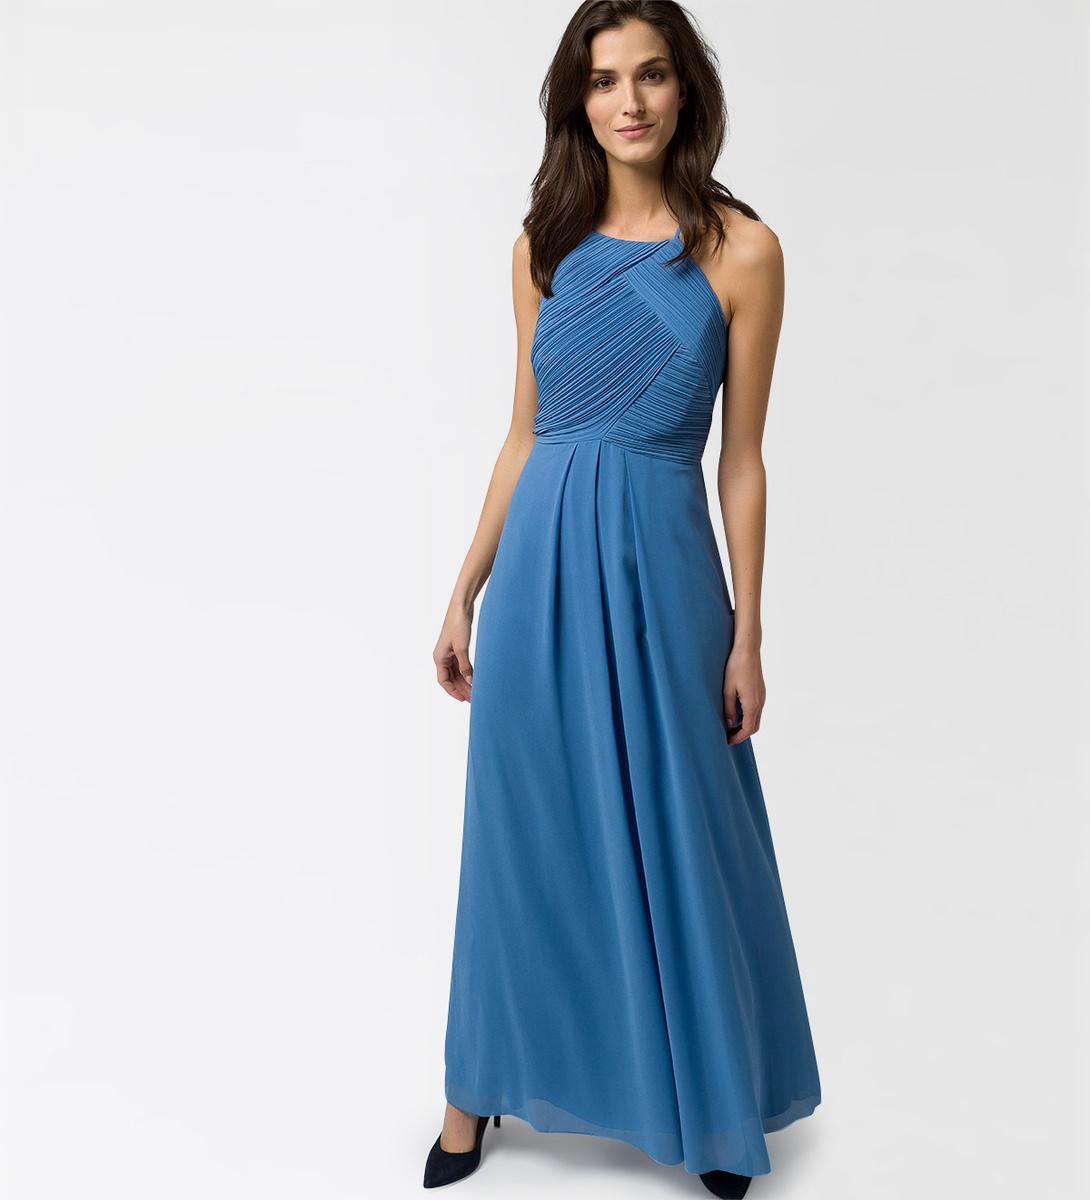 Kleid mit Details in water blue